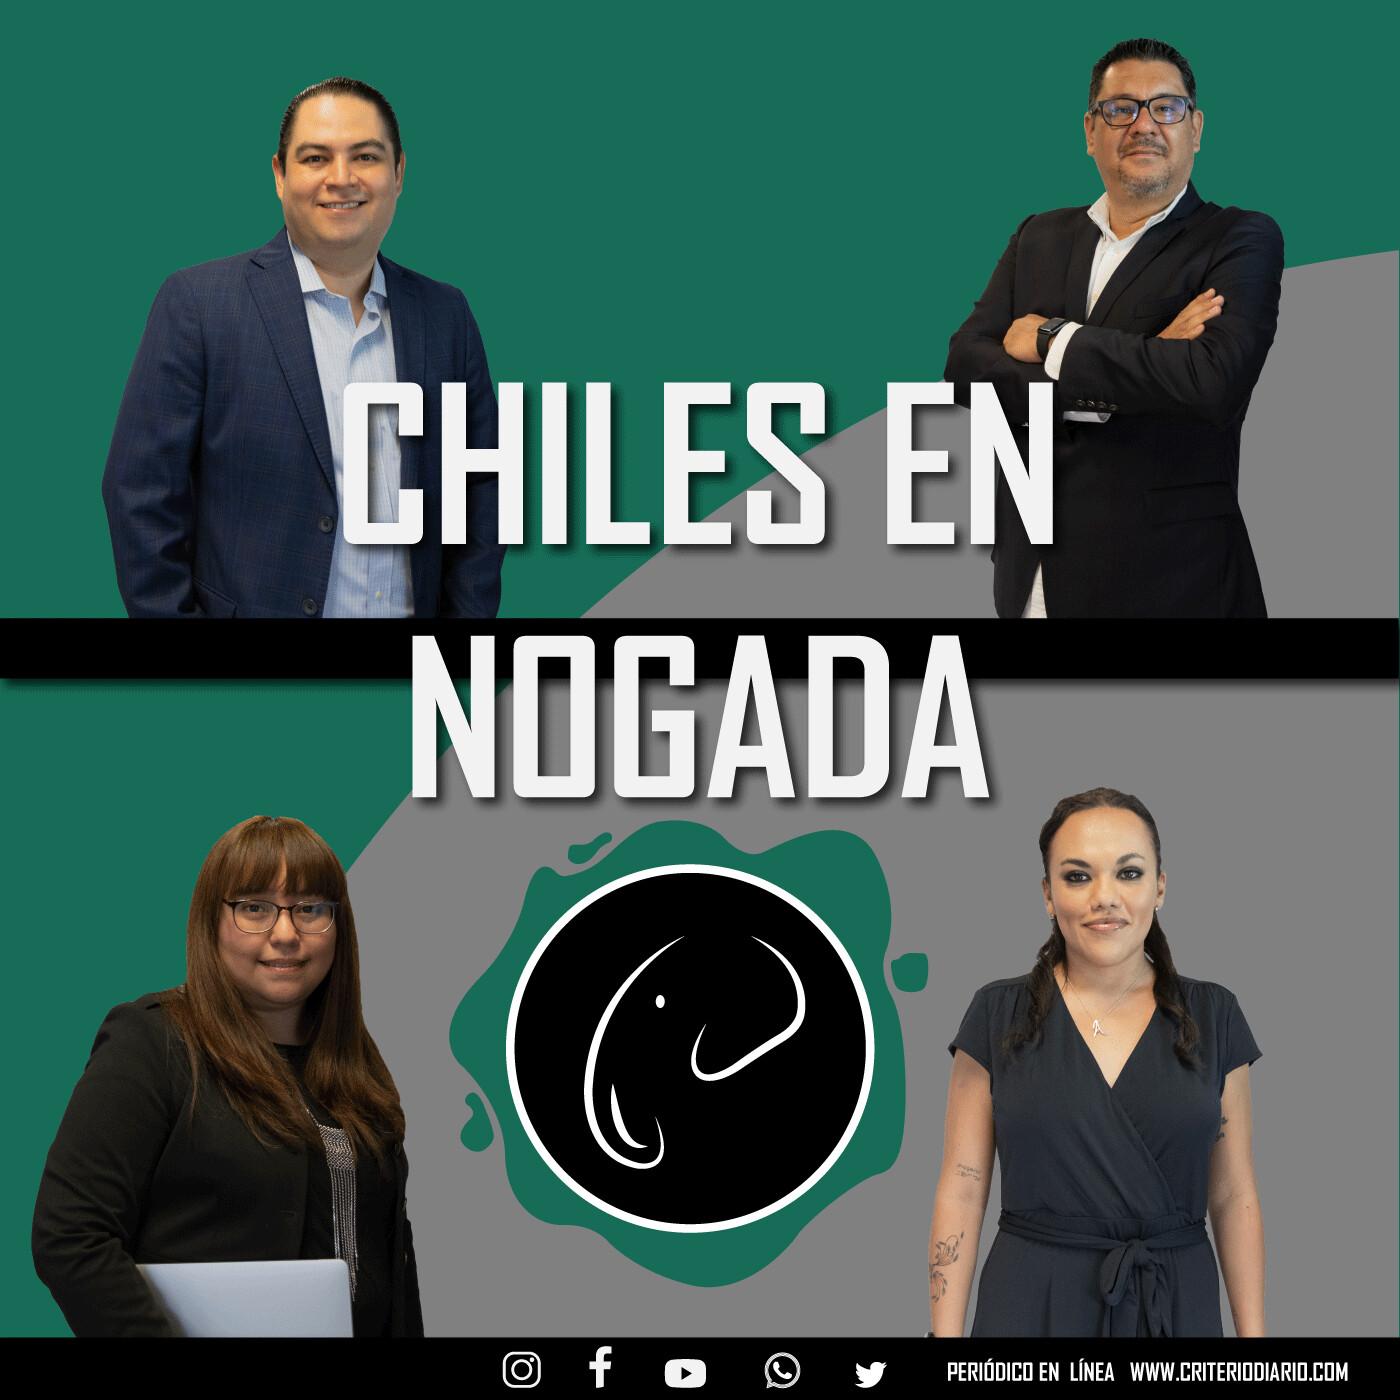 Episodio 2. Chiles en Nogada